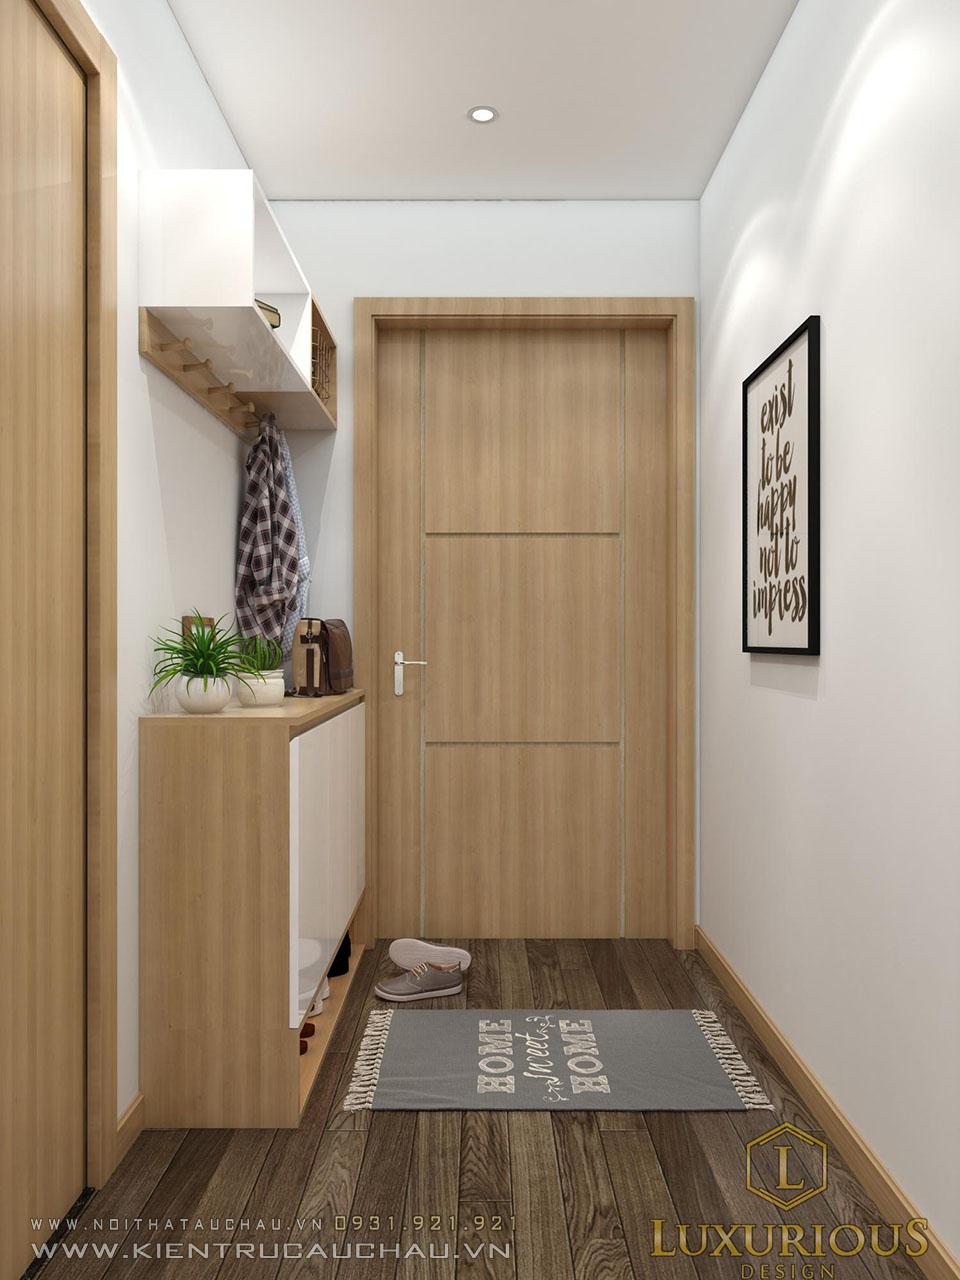 Thiết kế căn hộ chung cư sky central